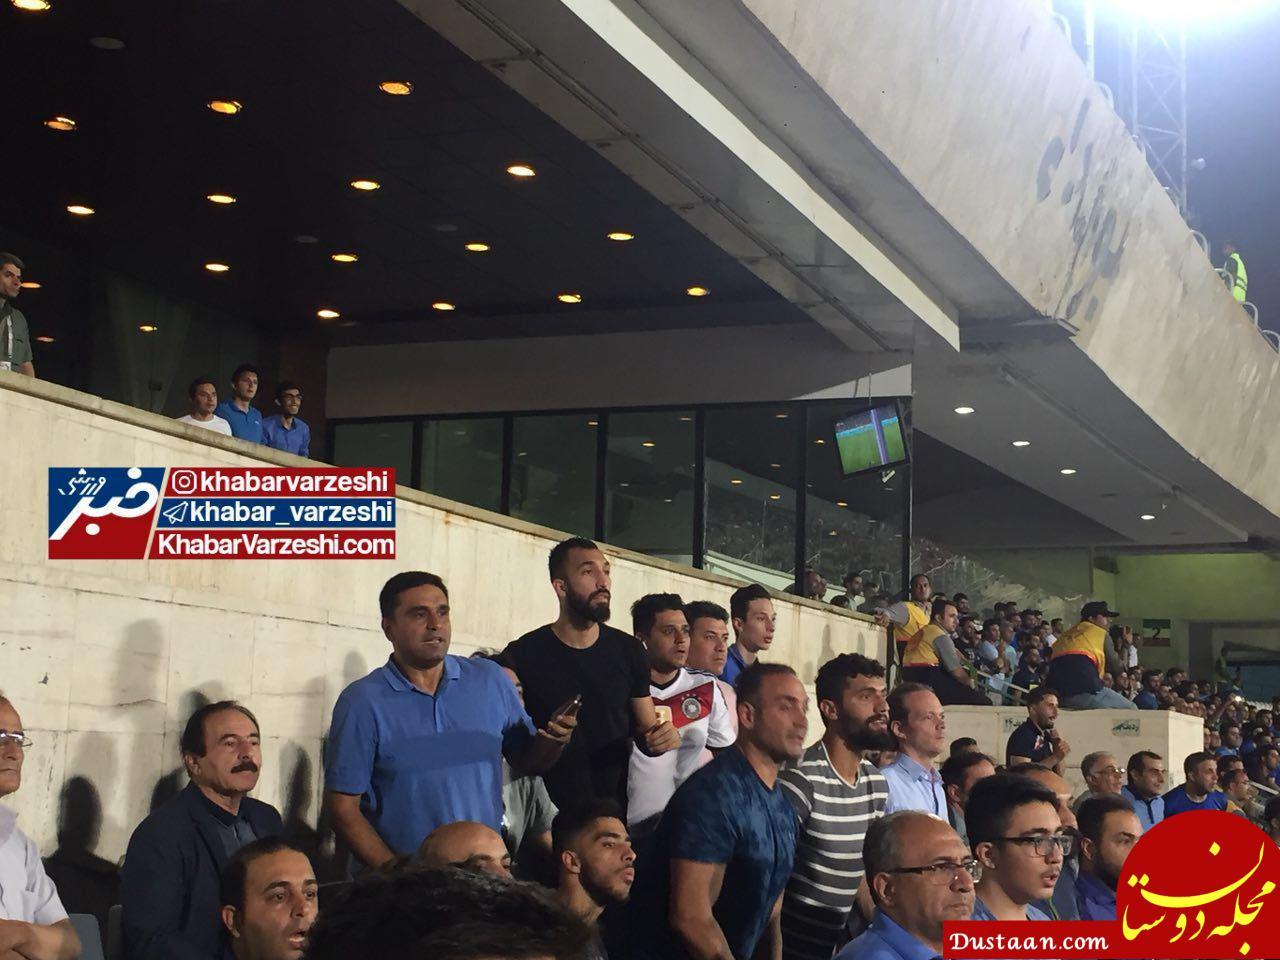 جزئیات درگیری هواداران استقلال و تراکتورسازی در ورزشگاه آزادی +عکس و فیلم